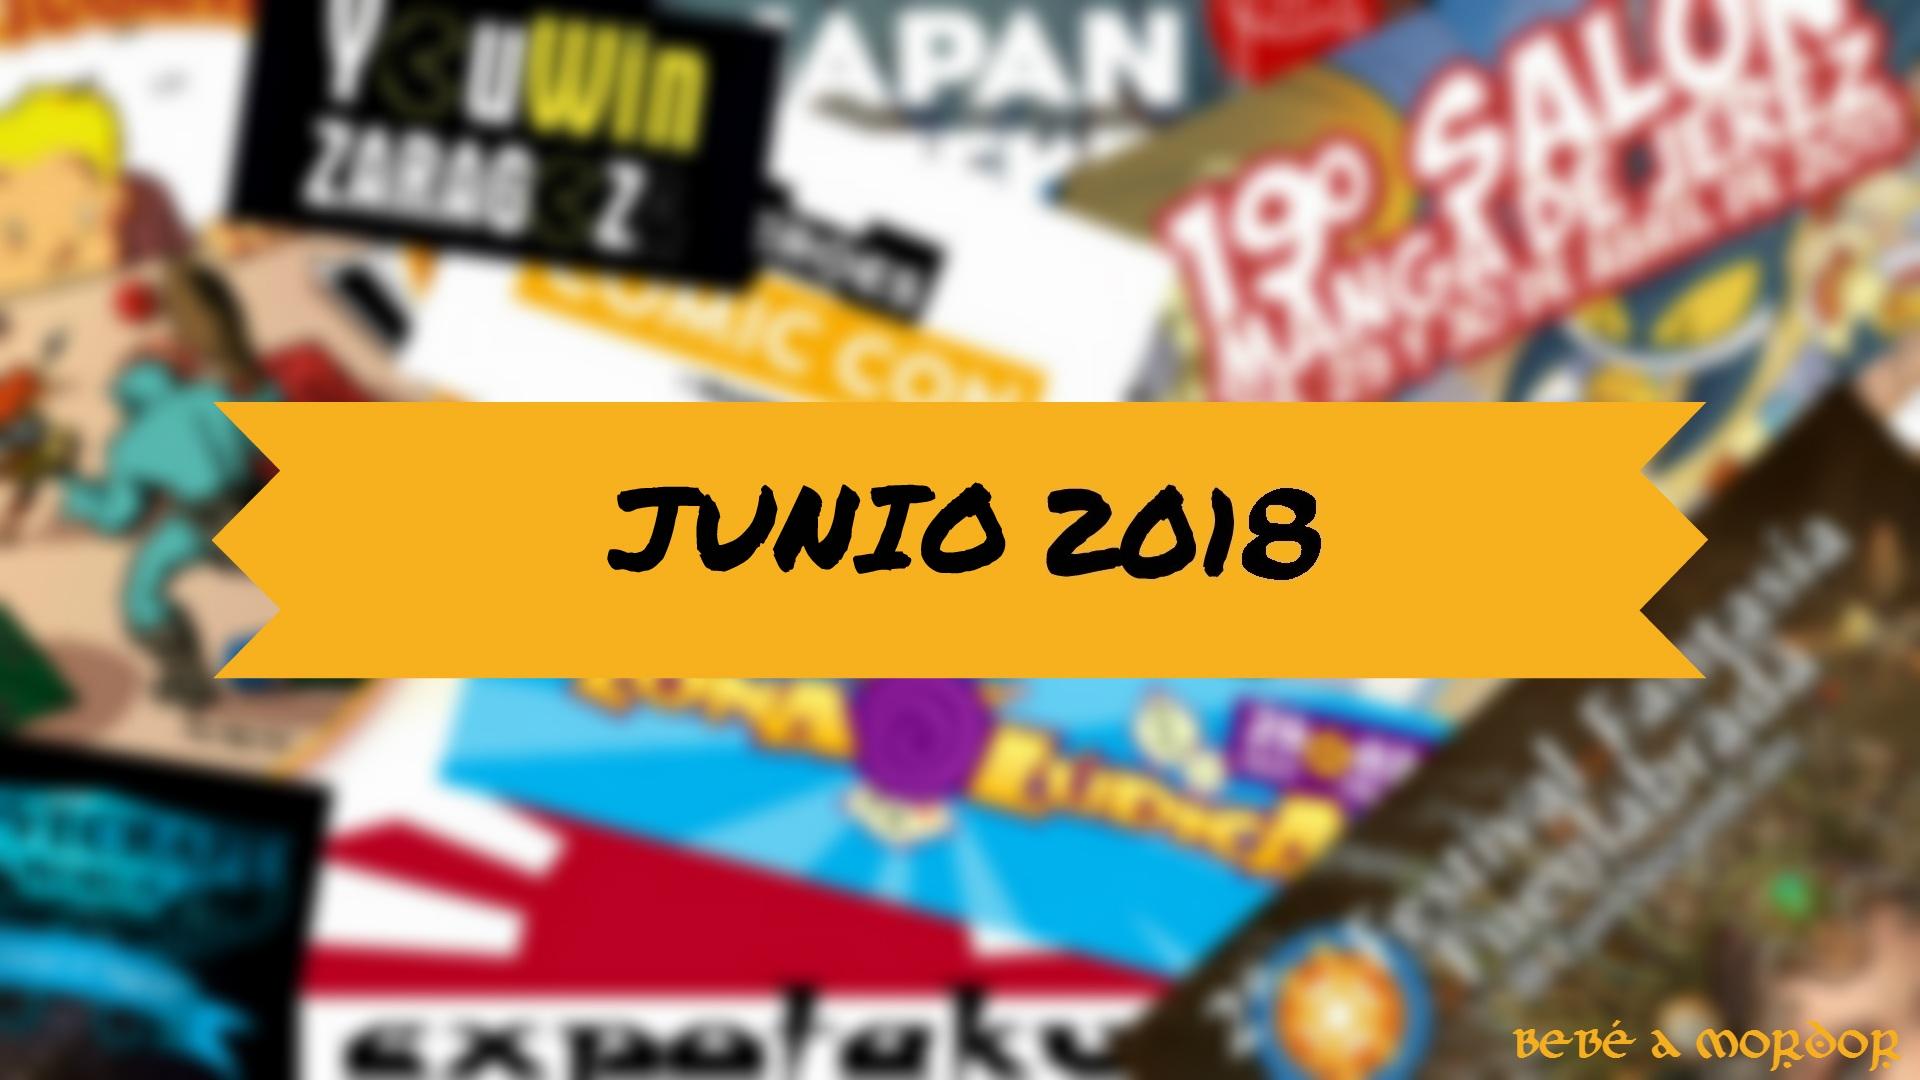 JUNIO18